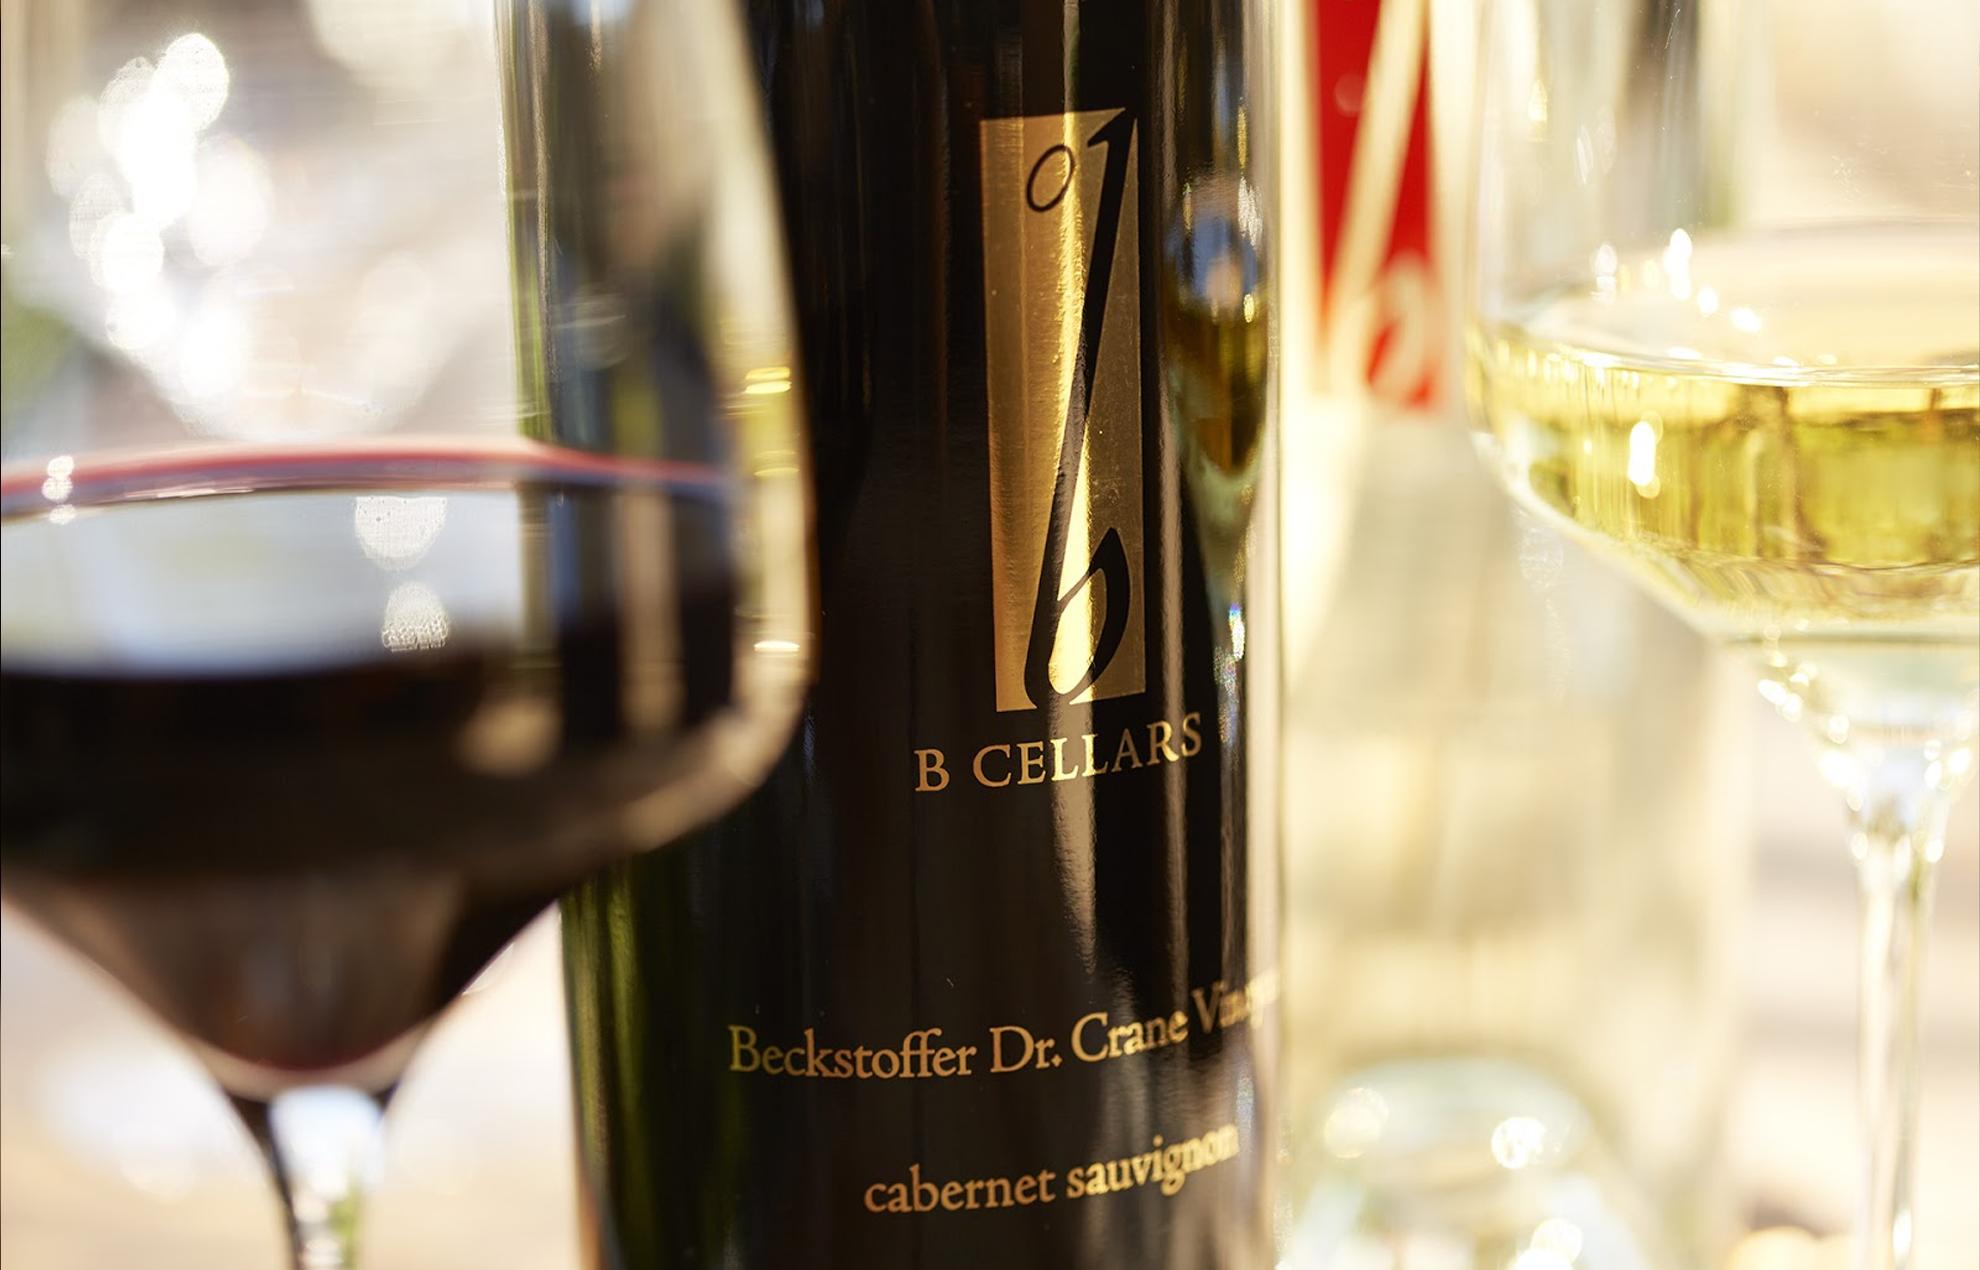 Gros plan sur des verres contenant du vin rouge et du vin blanc, avec une bouteille de vin BCellar.